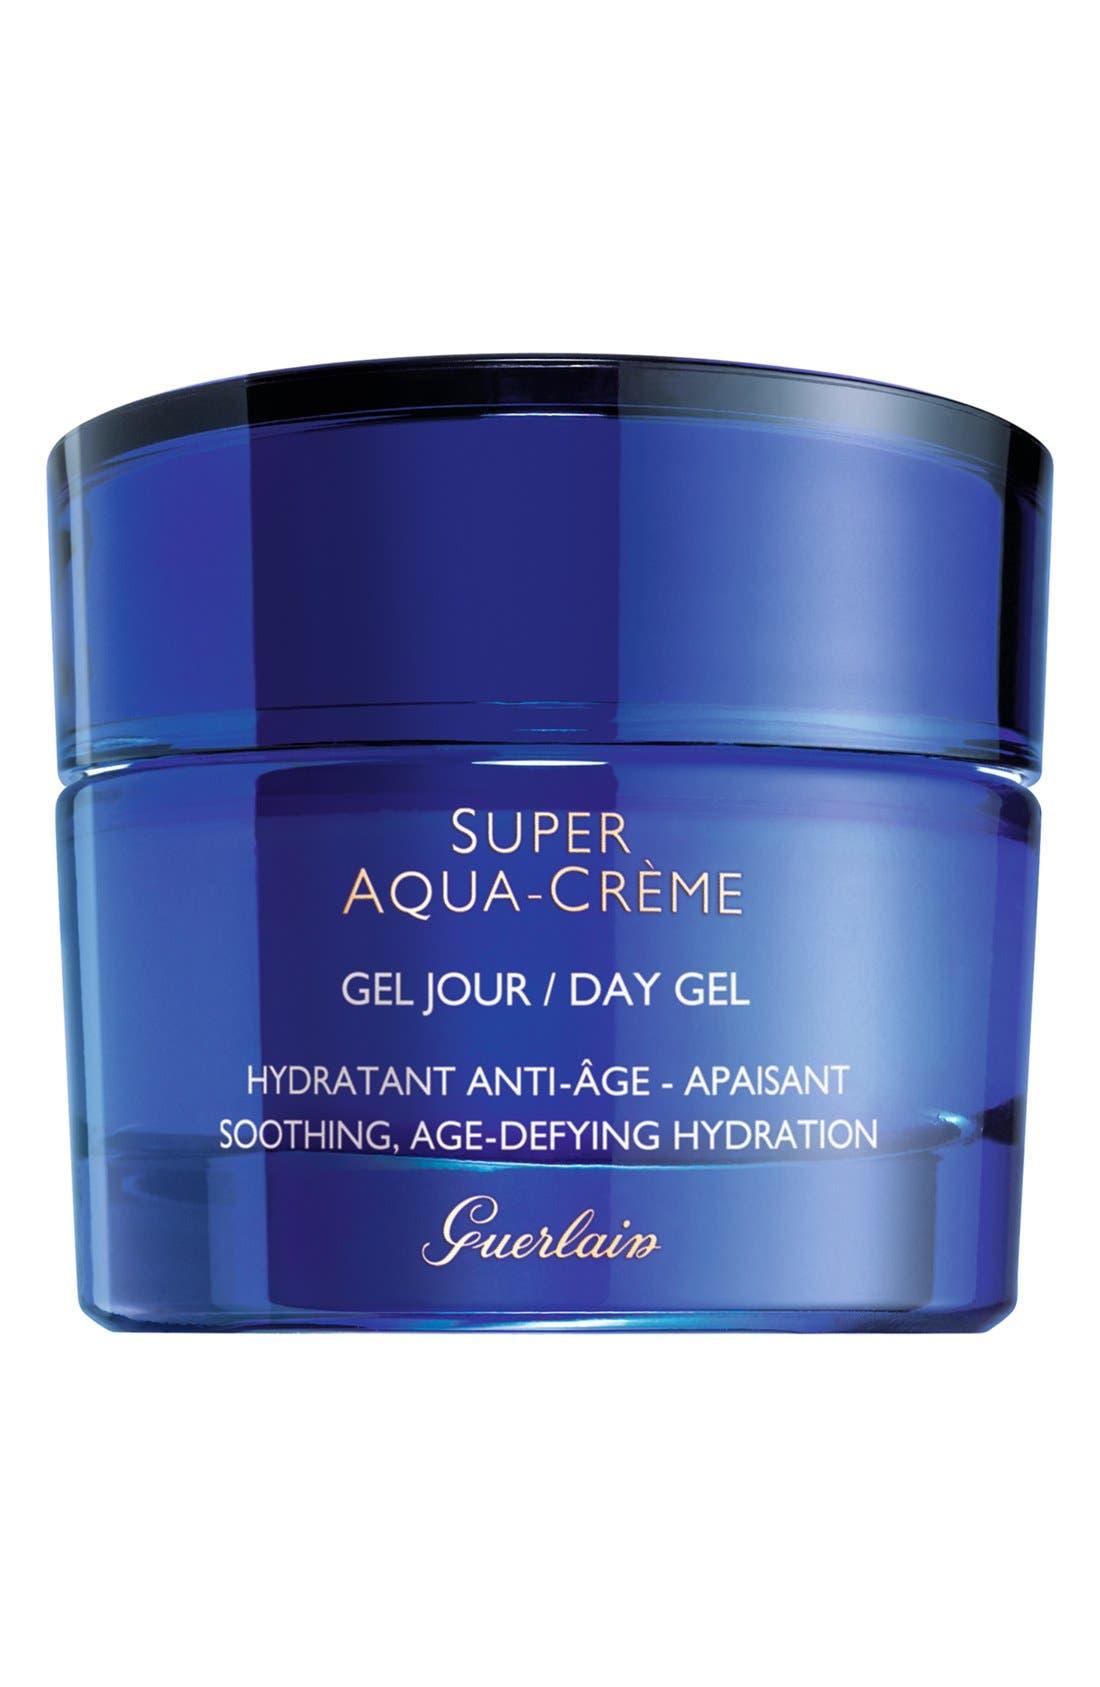 Guerlain 'Super Aqua-Crème' Day Gel